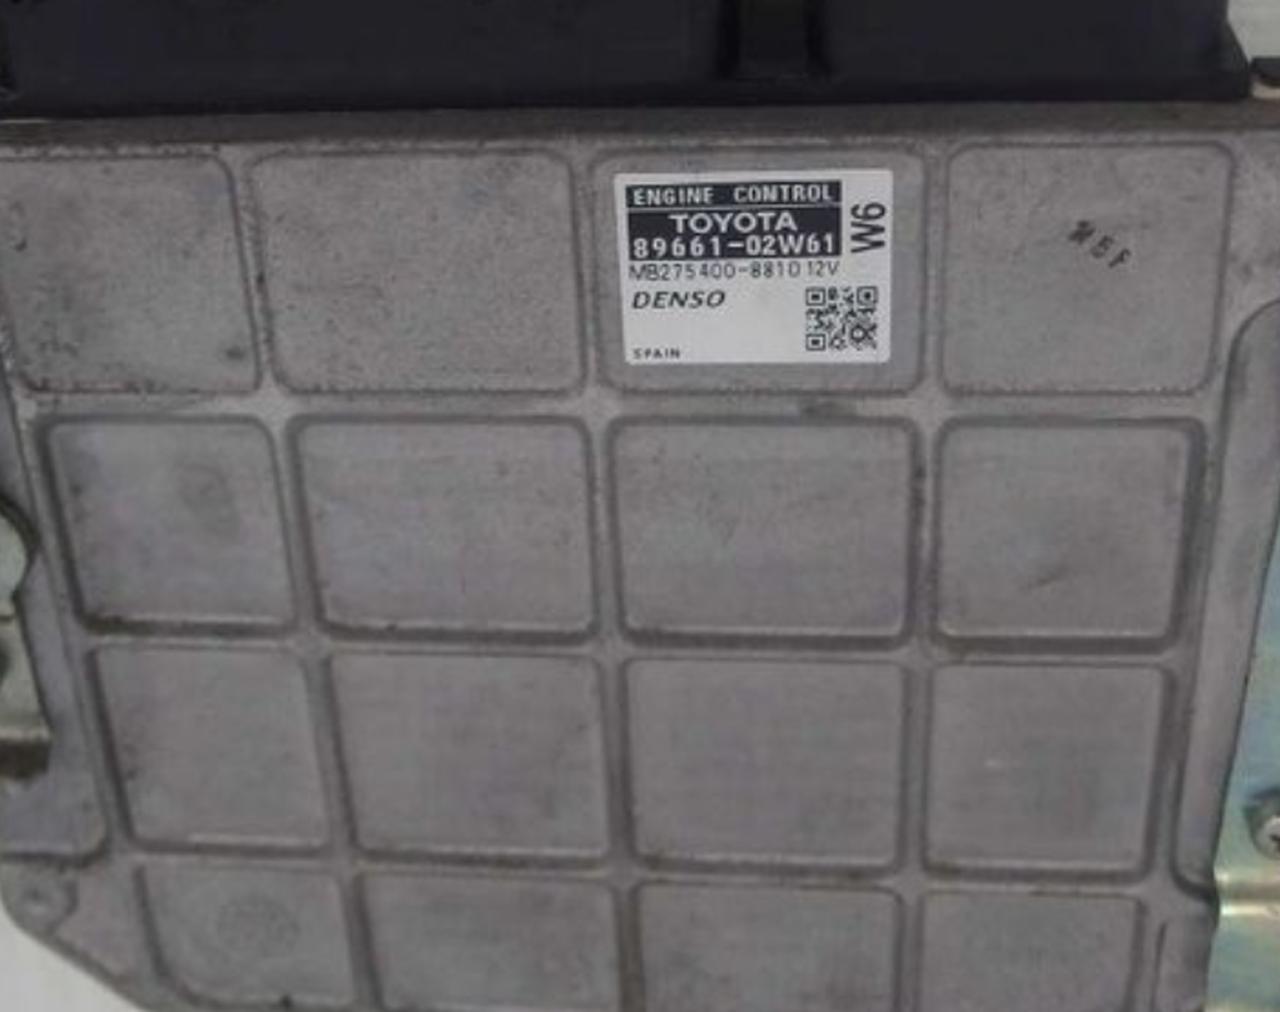 Toyota Auris, 89661-02W61, MB275400-8810,12V, W6